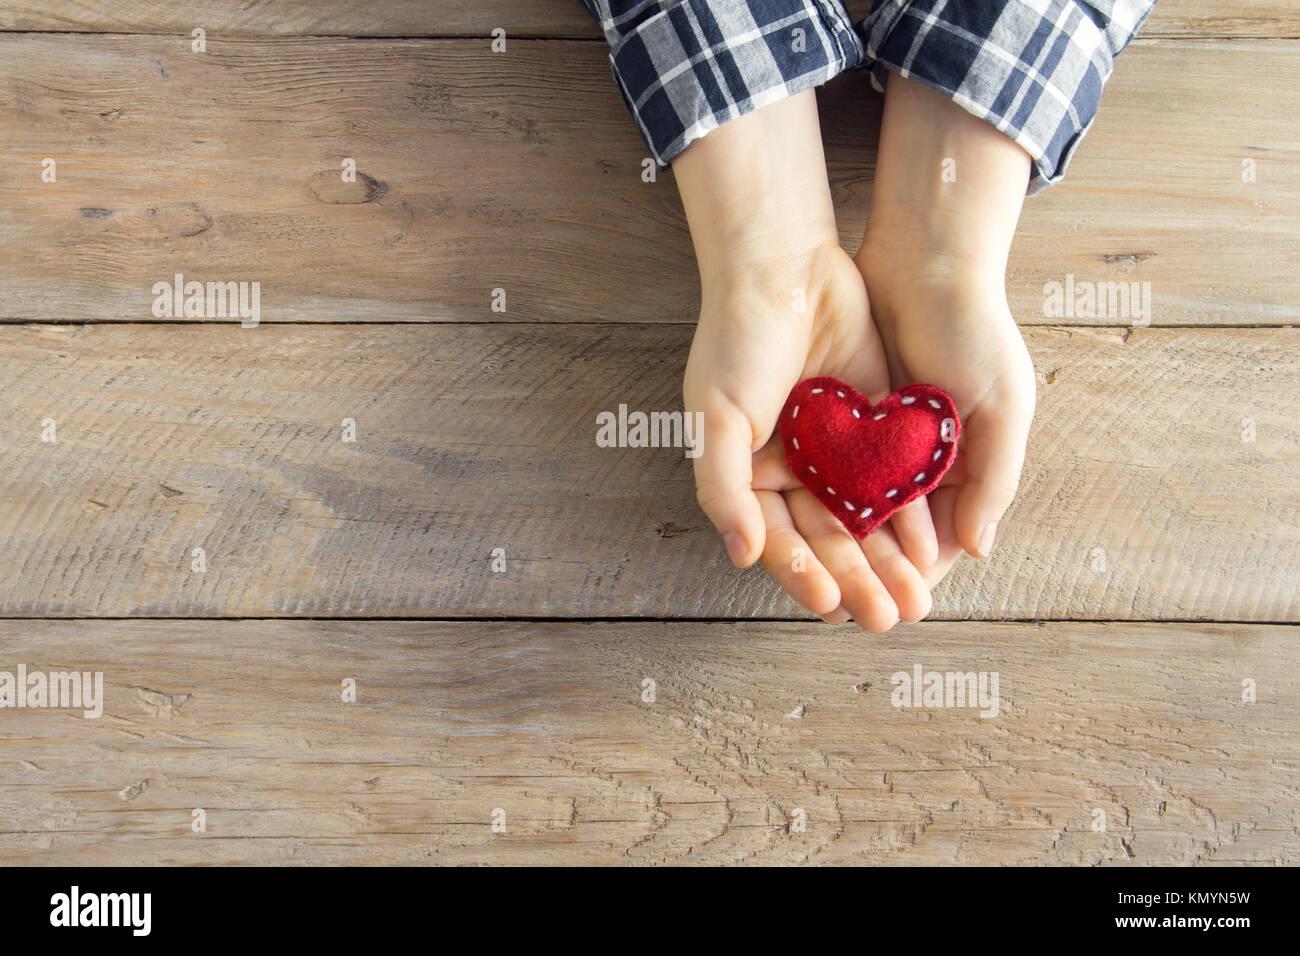 Cuore rosso nel bambino con le mani su sfondo di legno, copia dello spazio. Gentilezza, di amore e di carità Immagini Stock